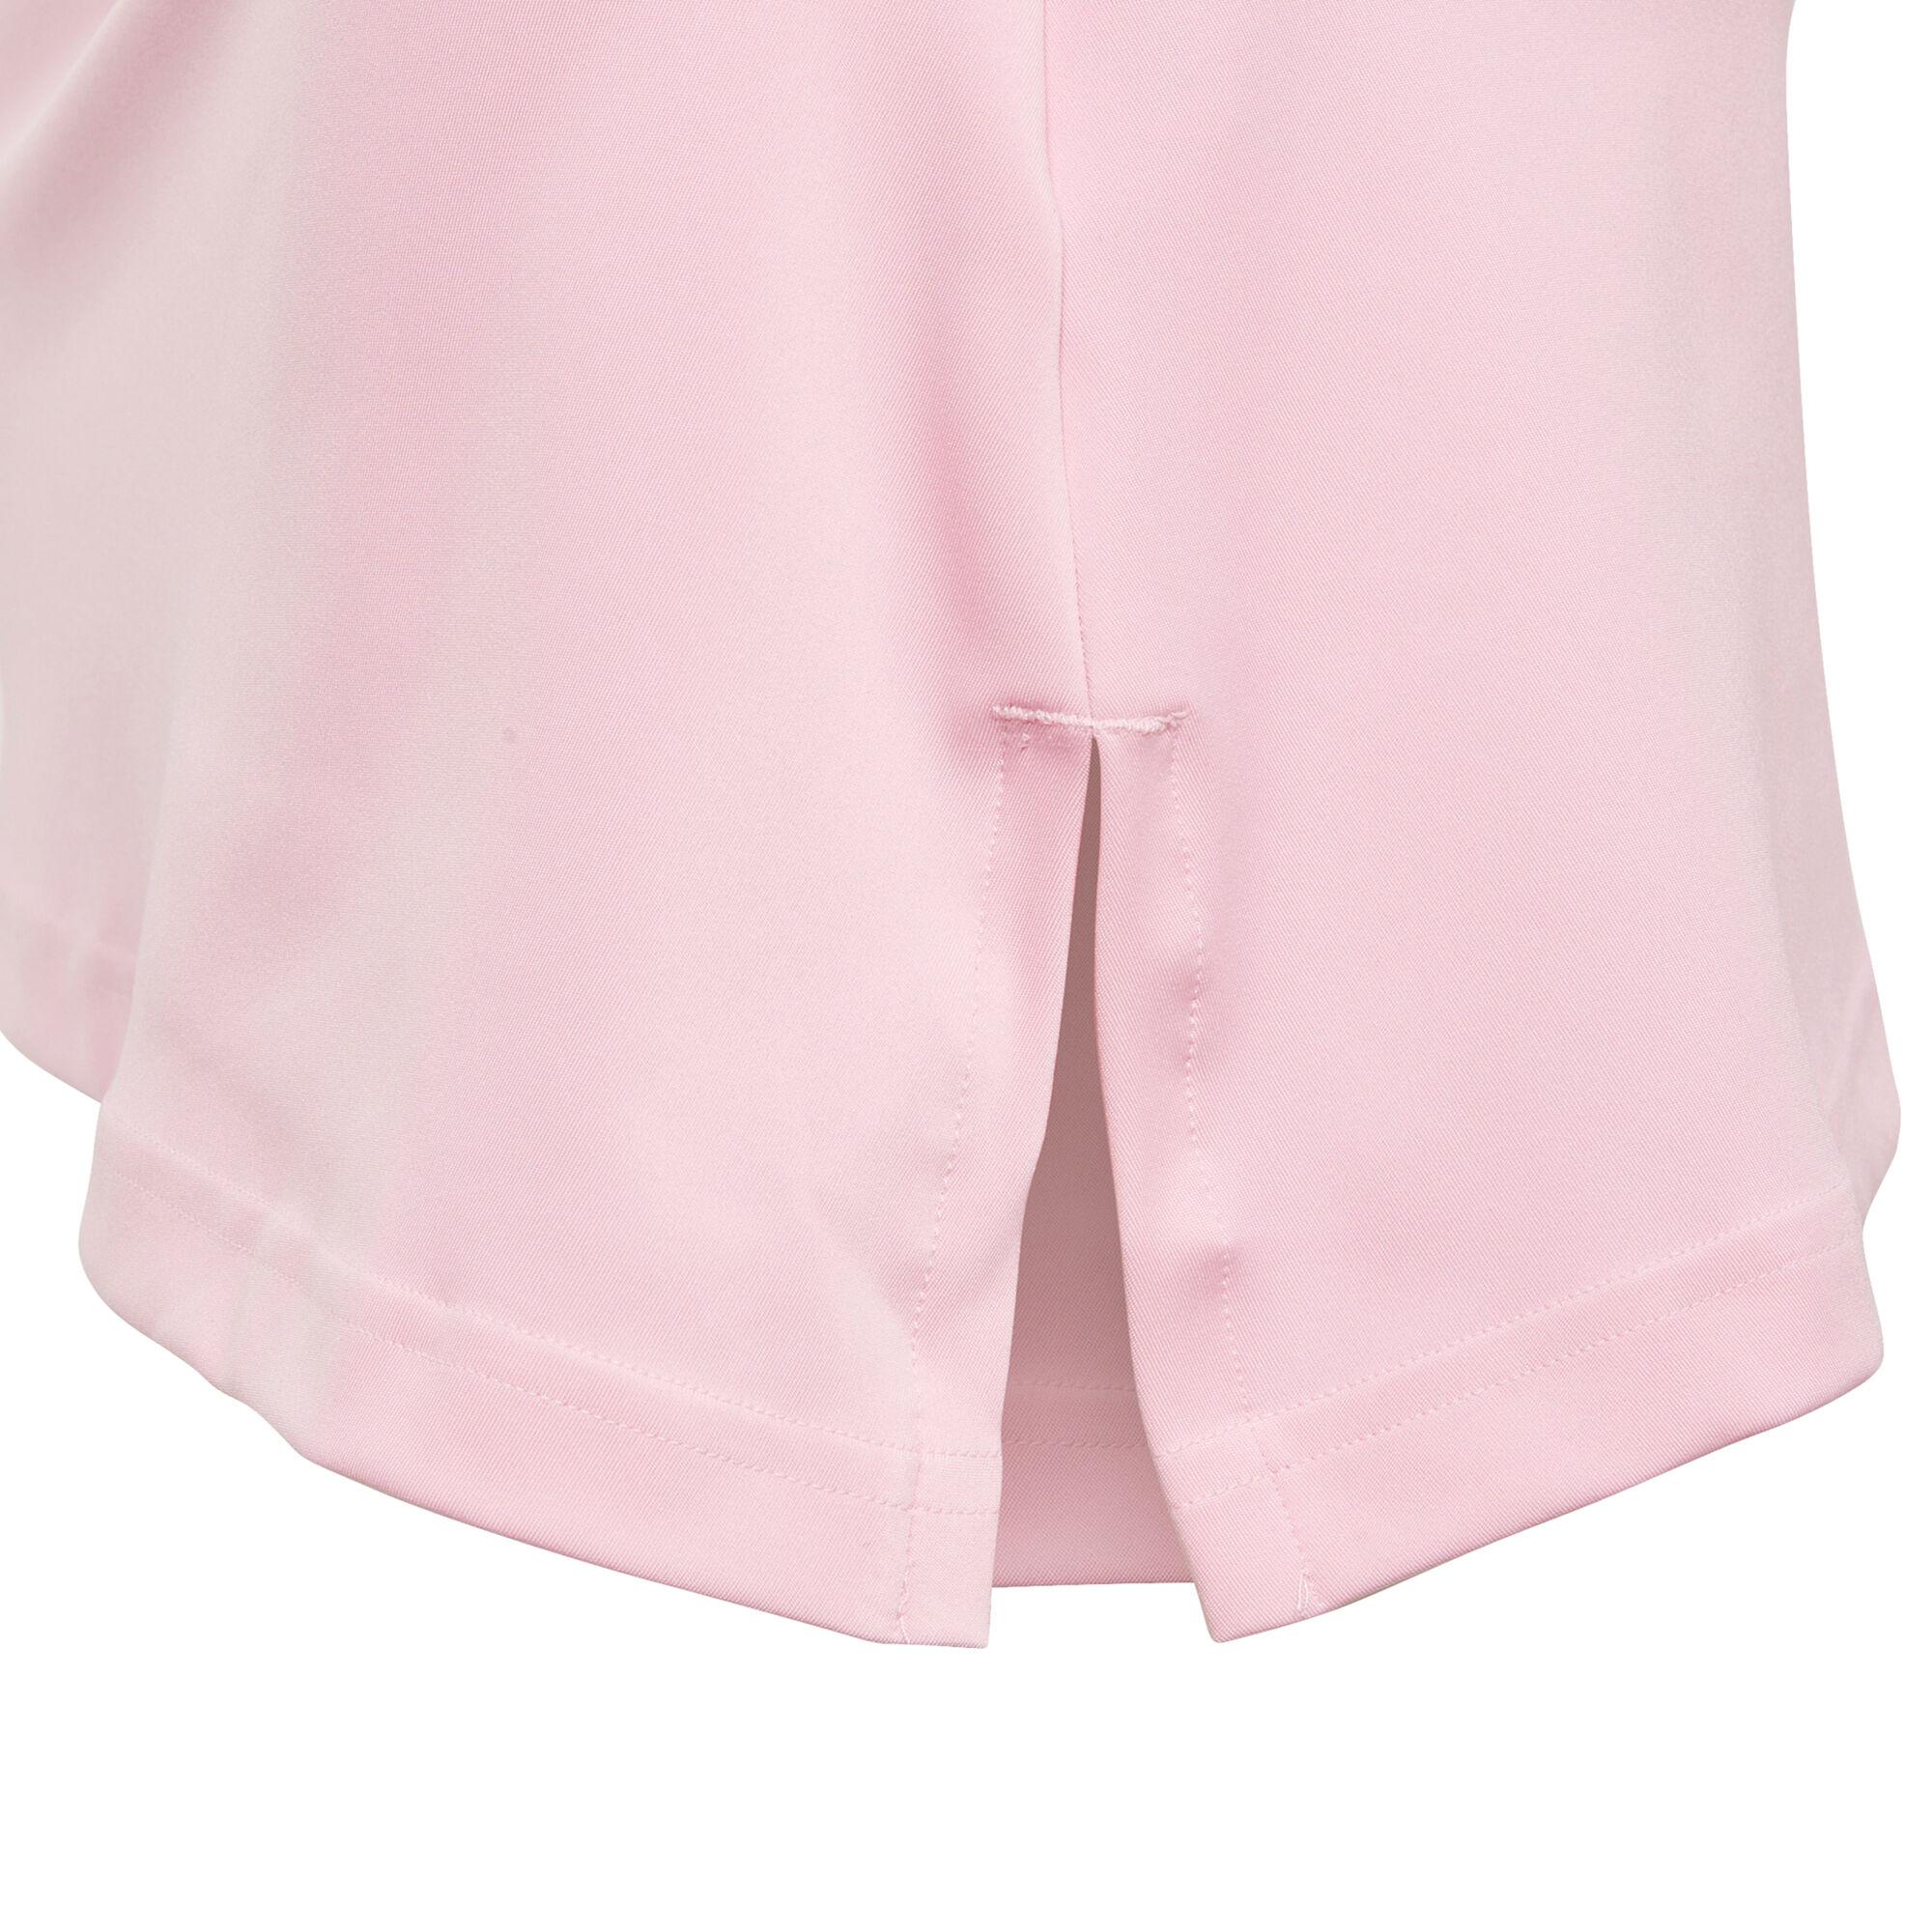 adidas Ribbon Kleid Mädchen - Rosa, Weiß online kaufen ...